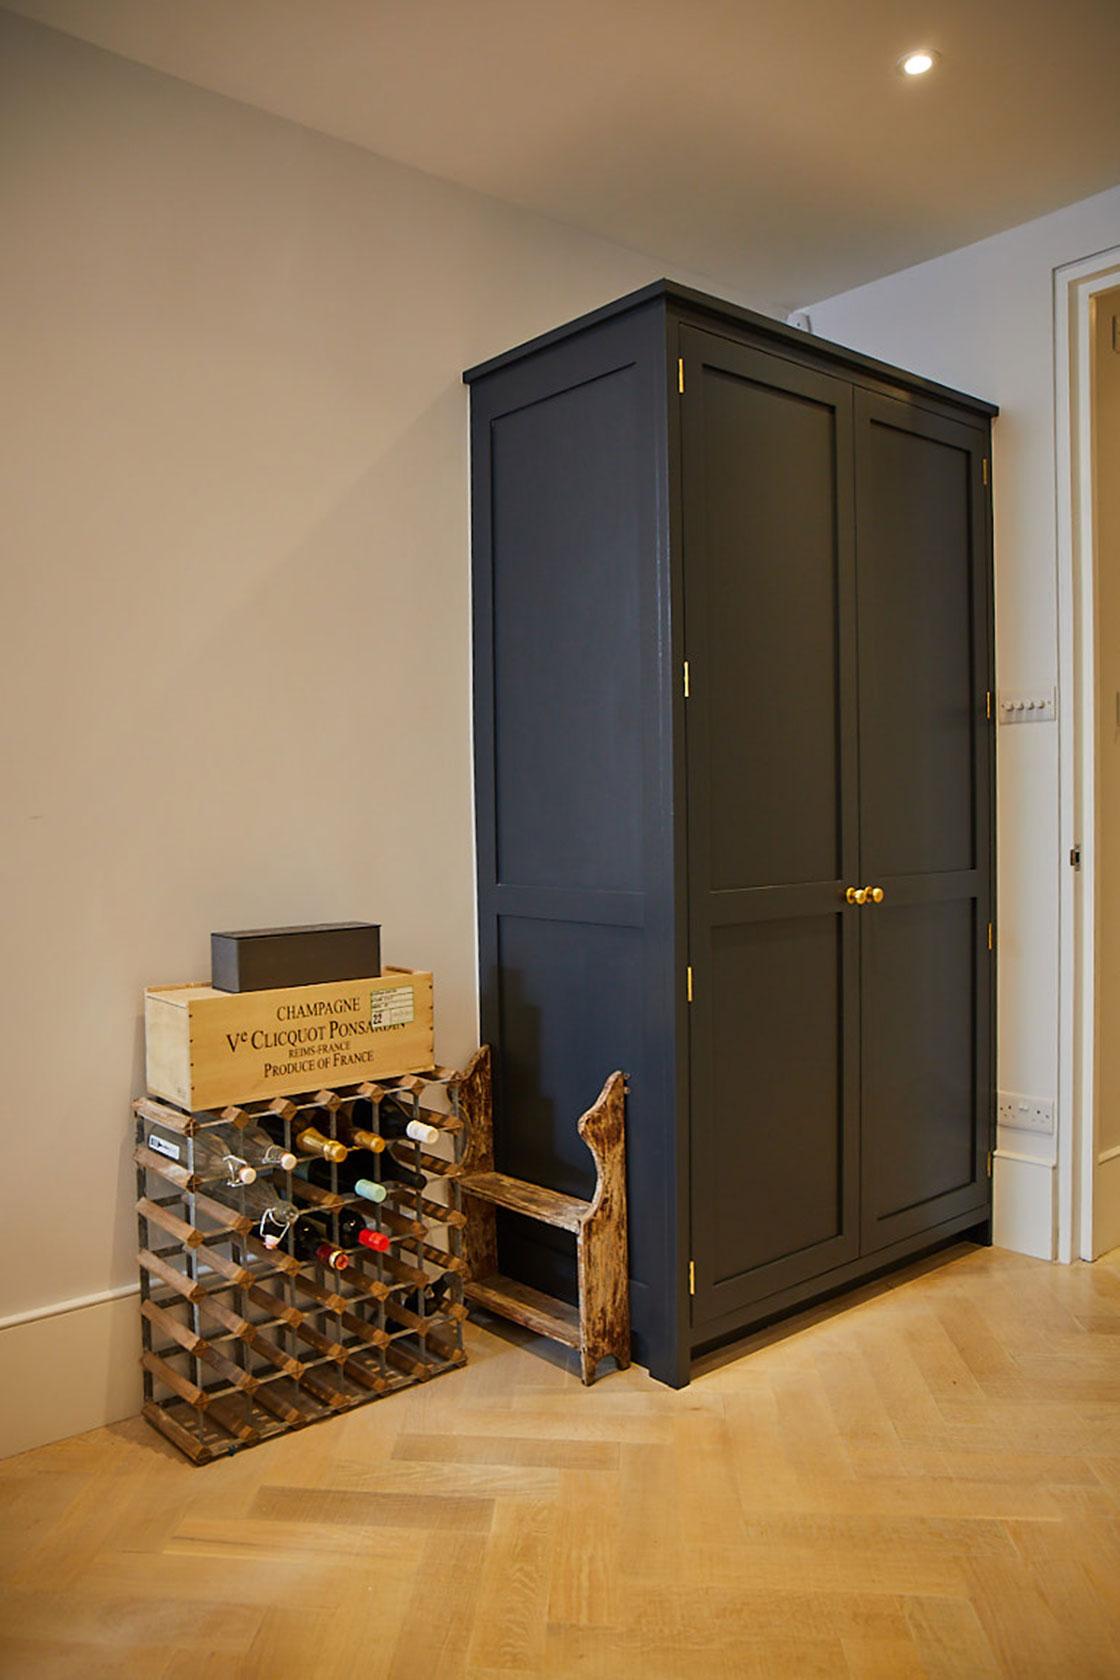 Tall dark blue larder cabinet next to open wine rack